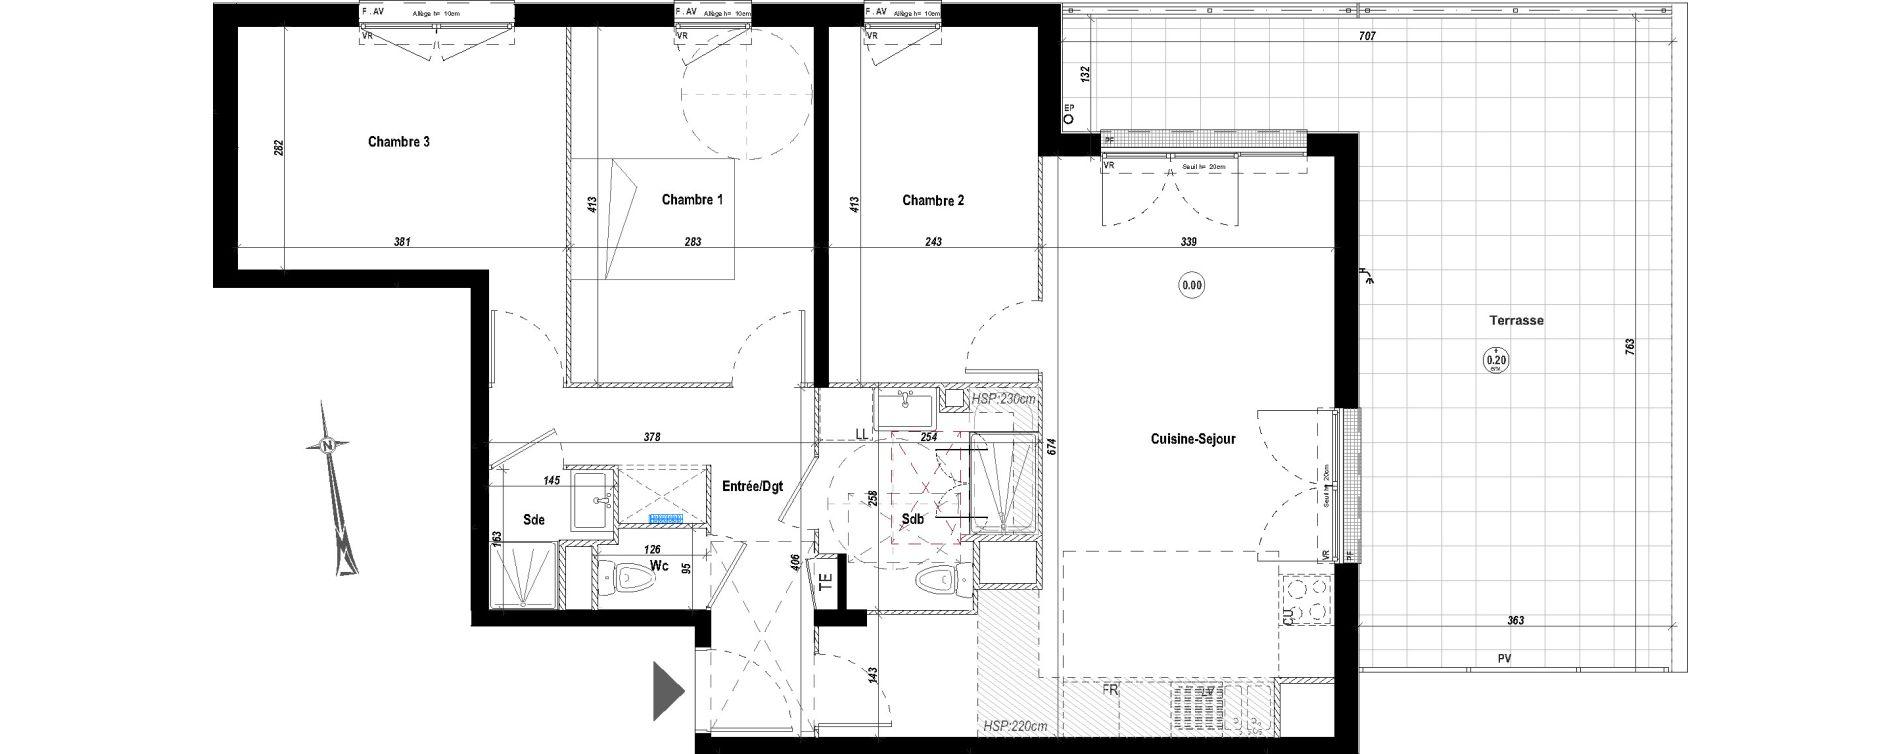 Appartement T4 de 76,35 m2 à Drancy Le petit drancy